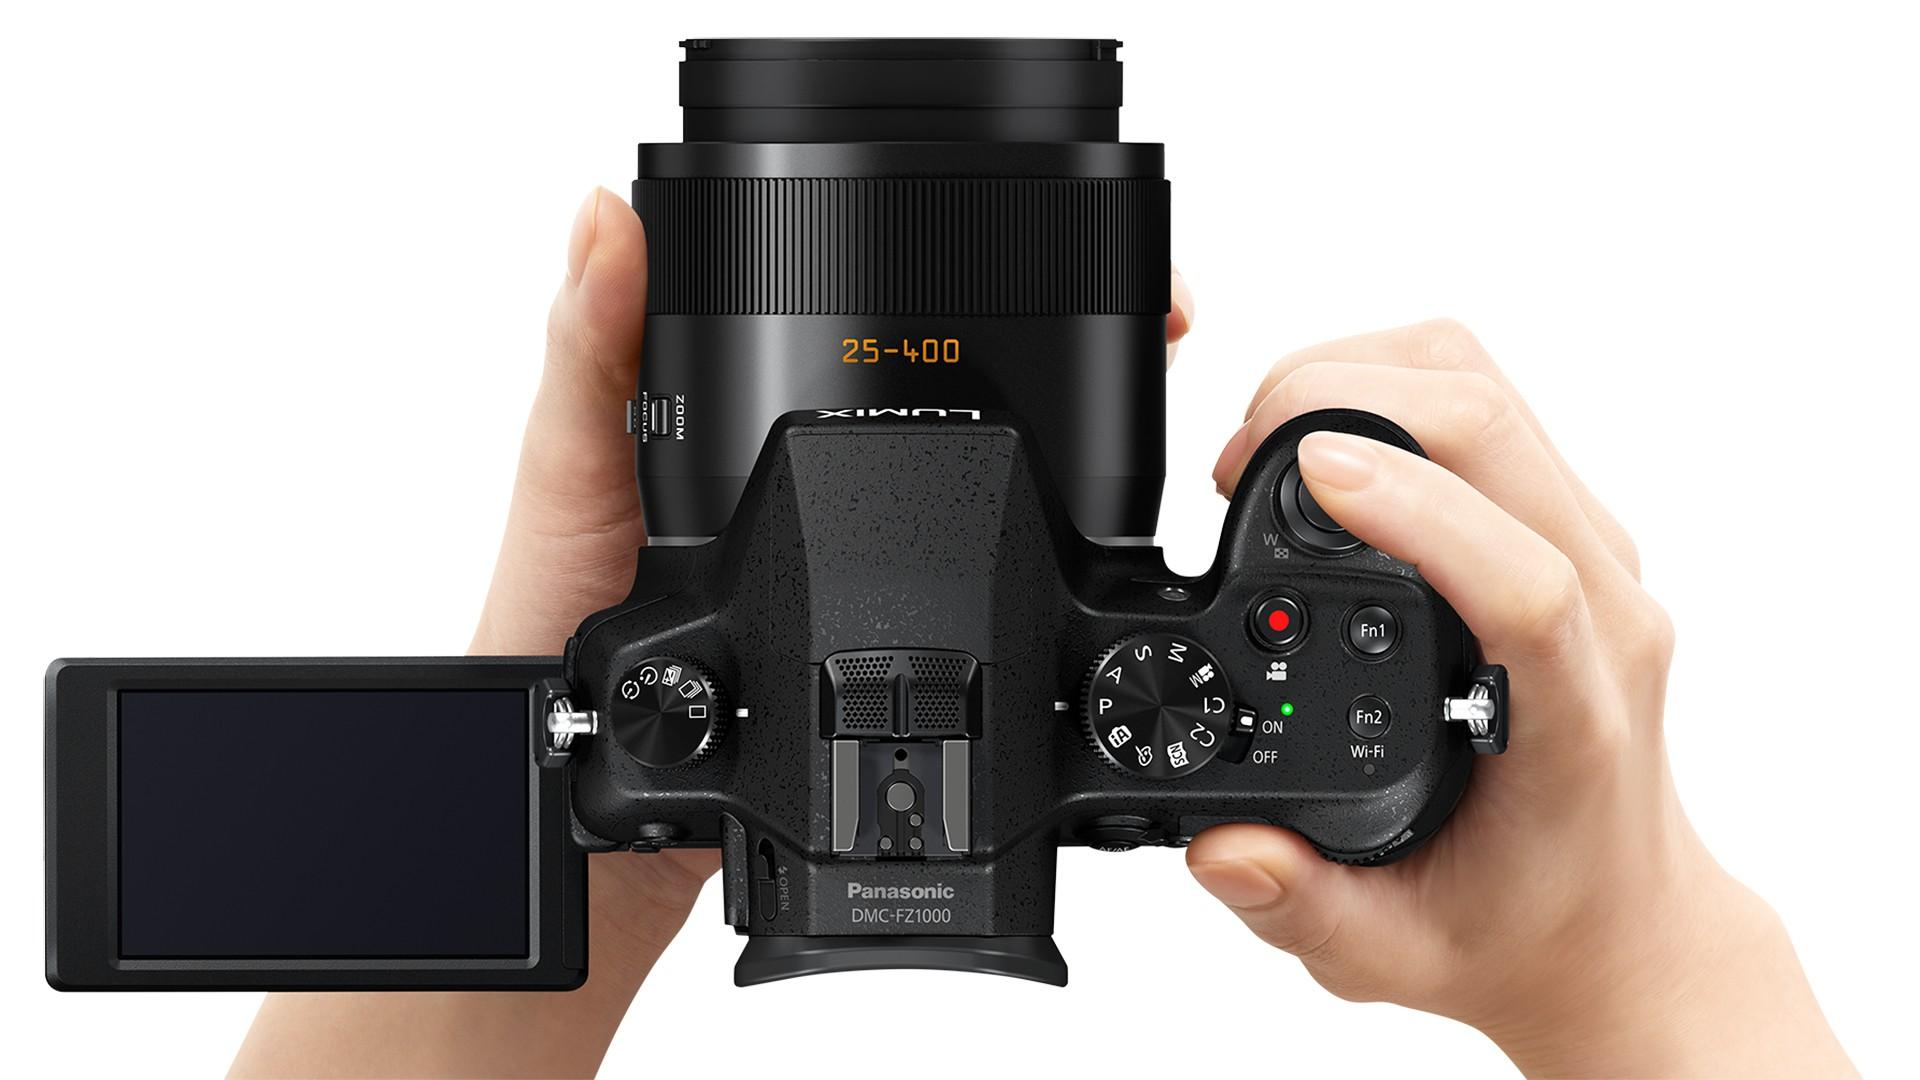 Panasonic lumix fz1000 test complet appareil photo - Boulanger appareil photo numerique ...